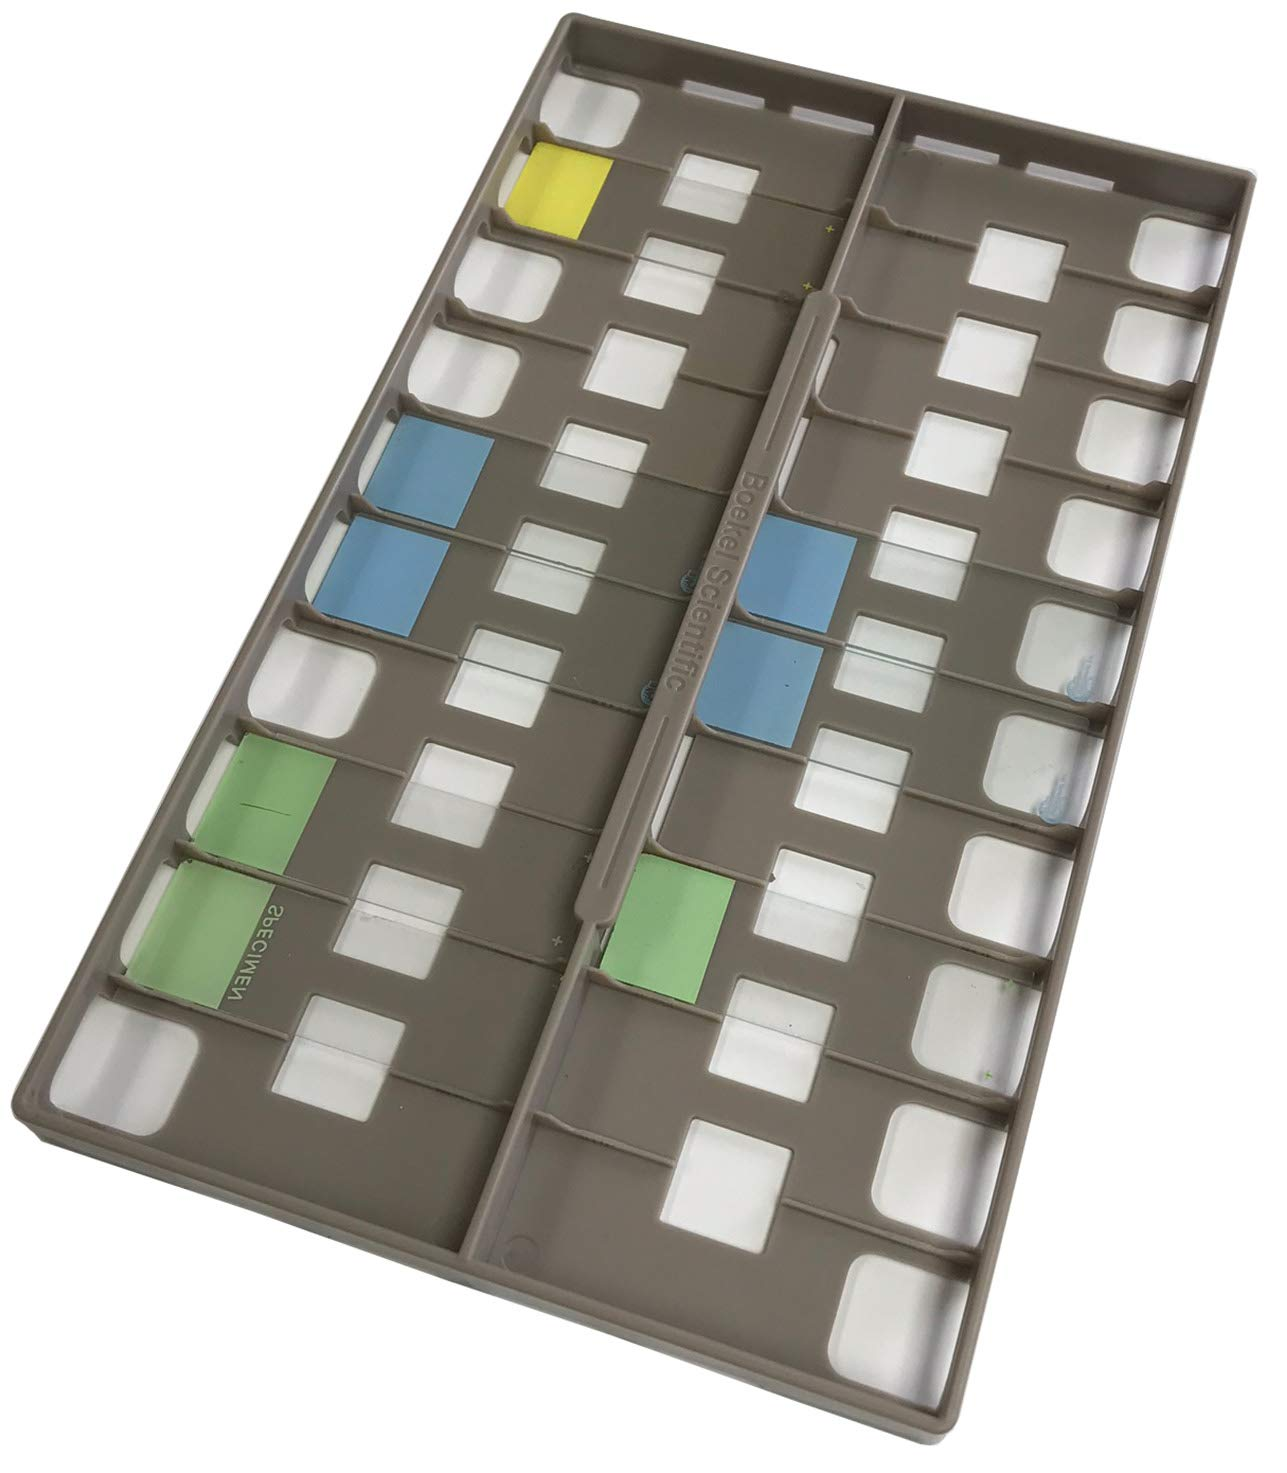 Plastic Slide Holder for InSlide Out Hybridization Oven, Holds 18 1 x 3 Inch Slides by Boekel Scientific, Inc. (Image #1)